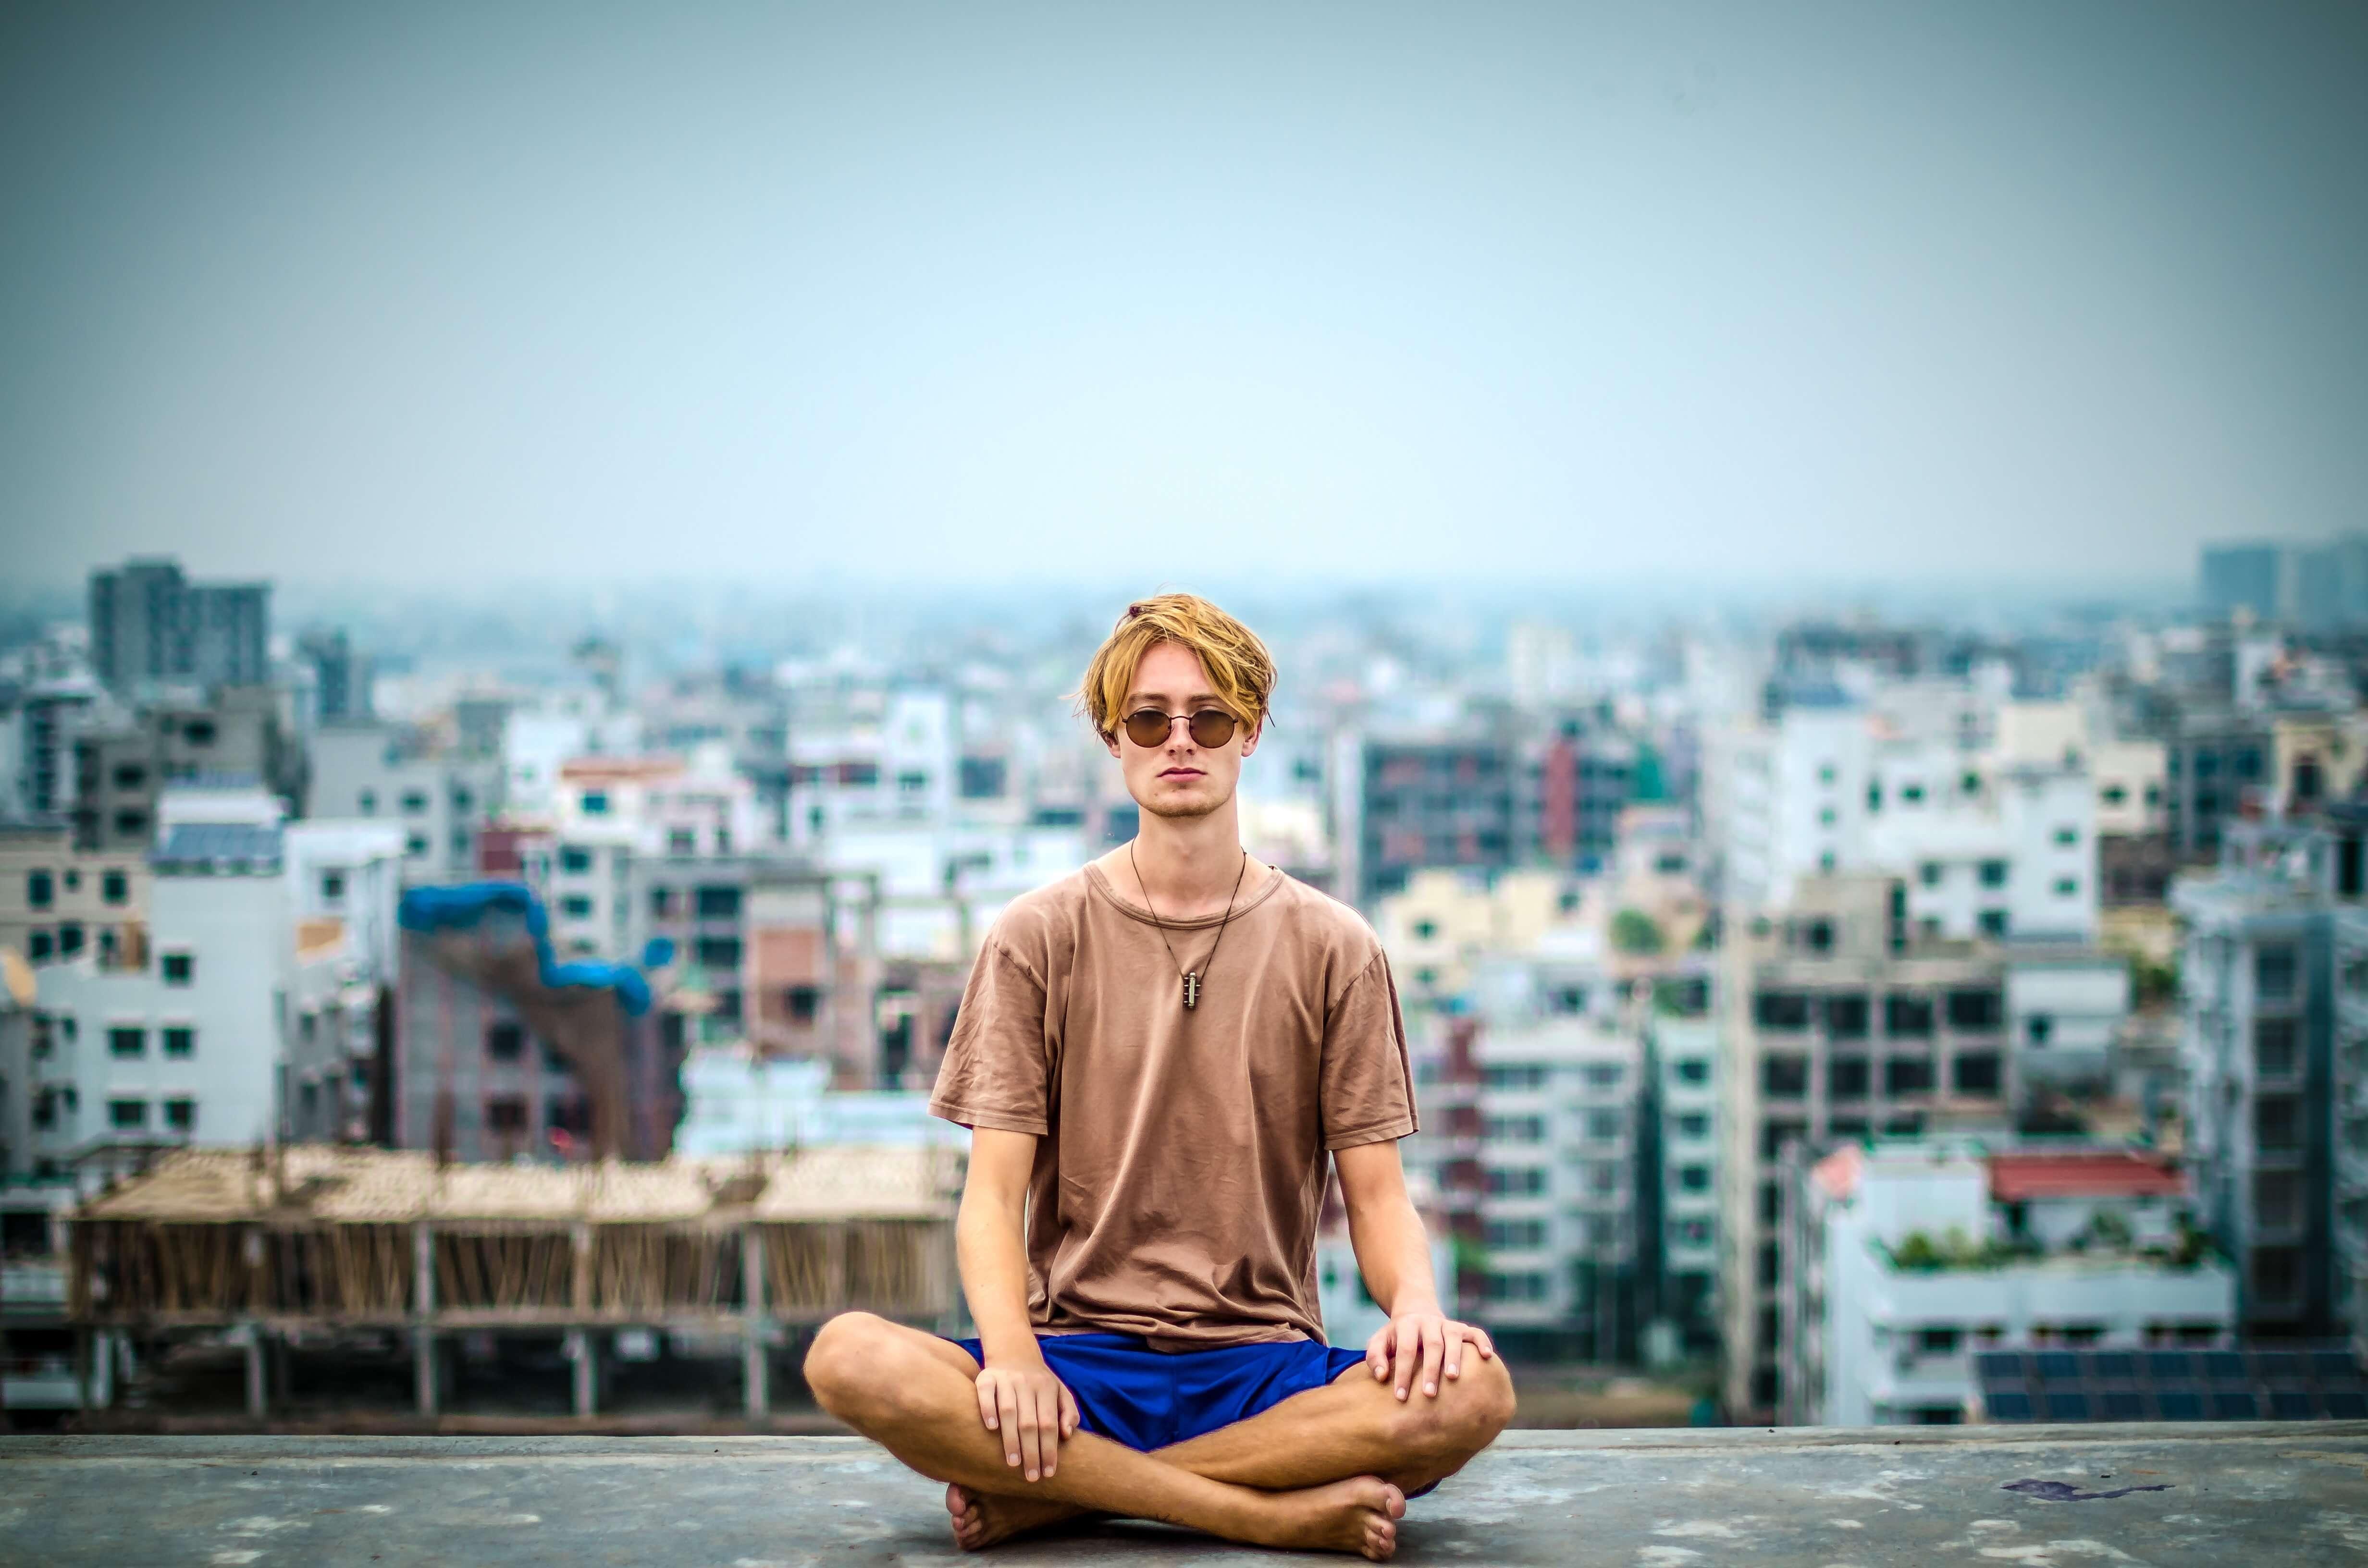 man meditating in city